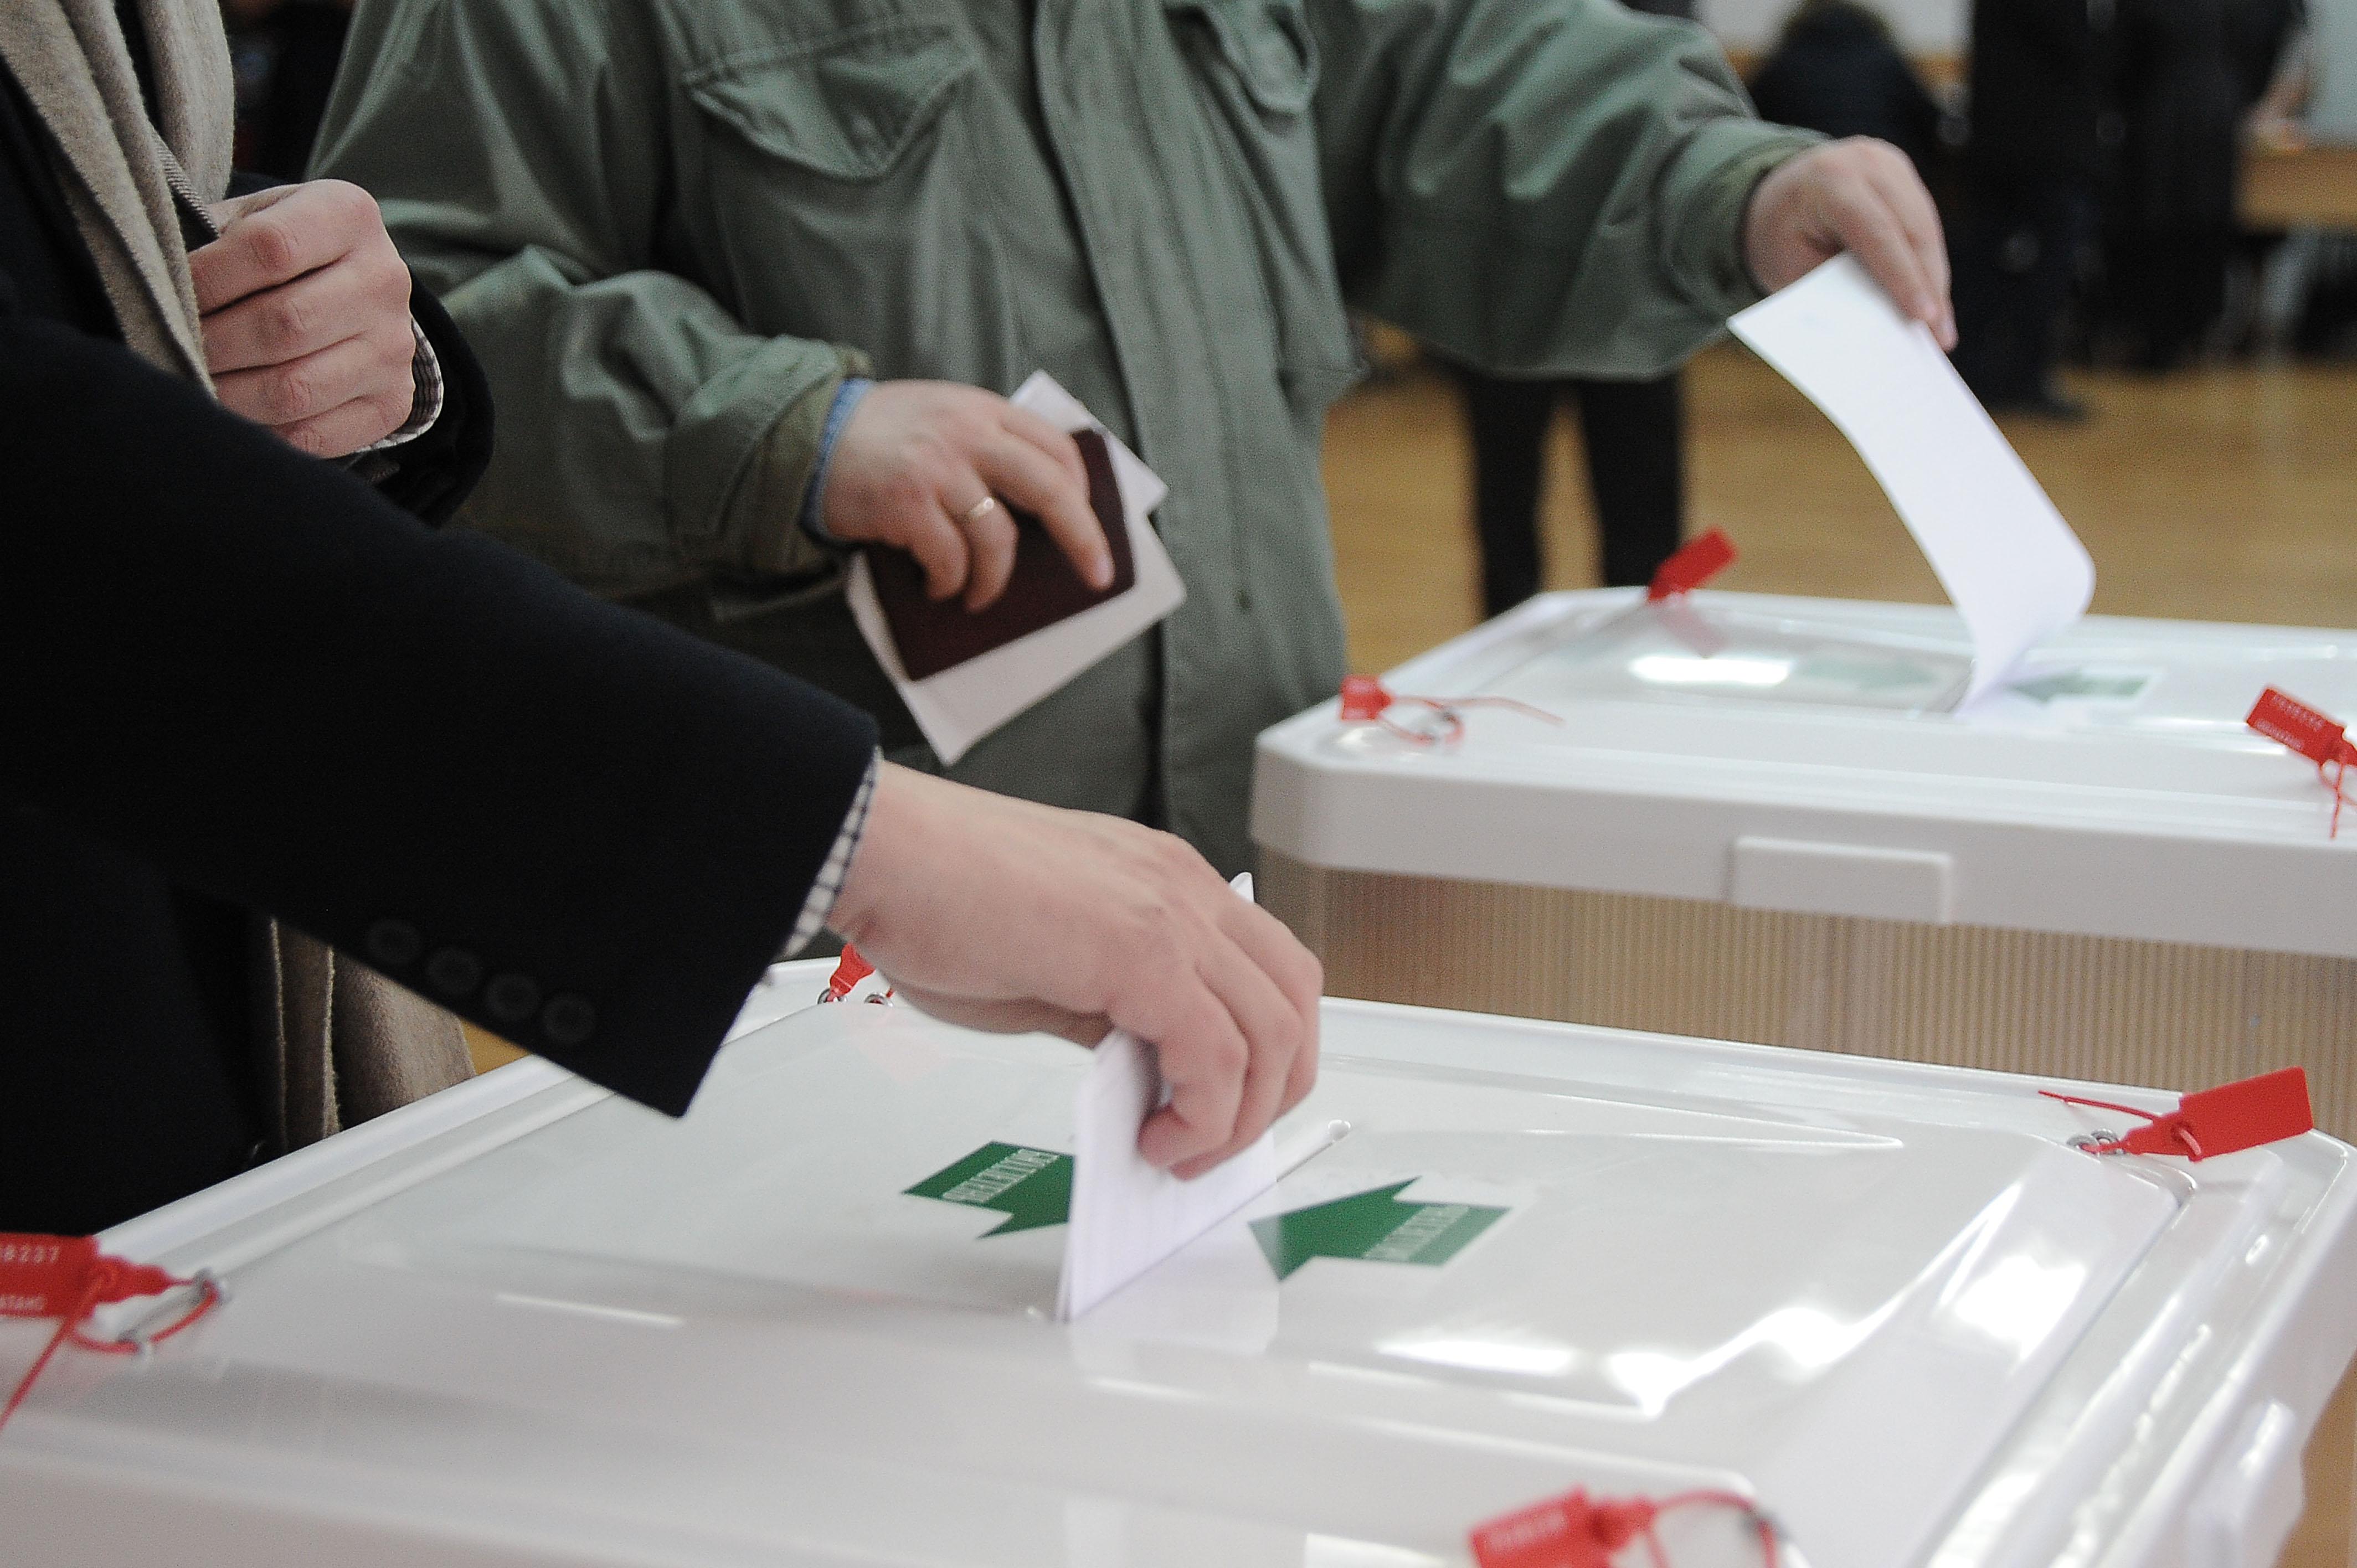 Заточка под выборы?